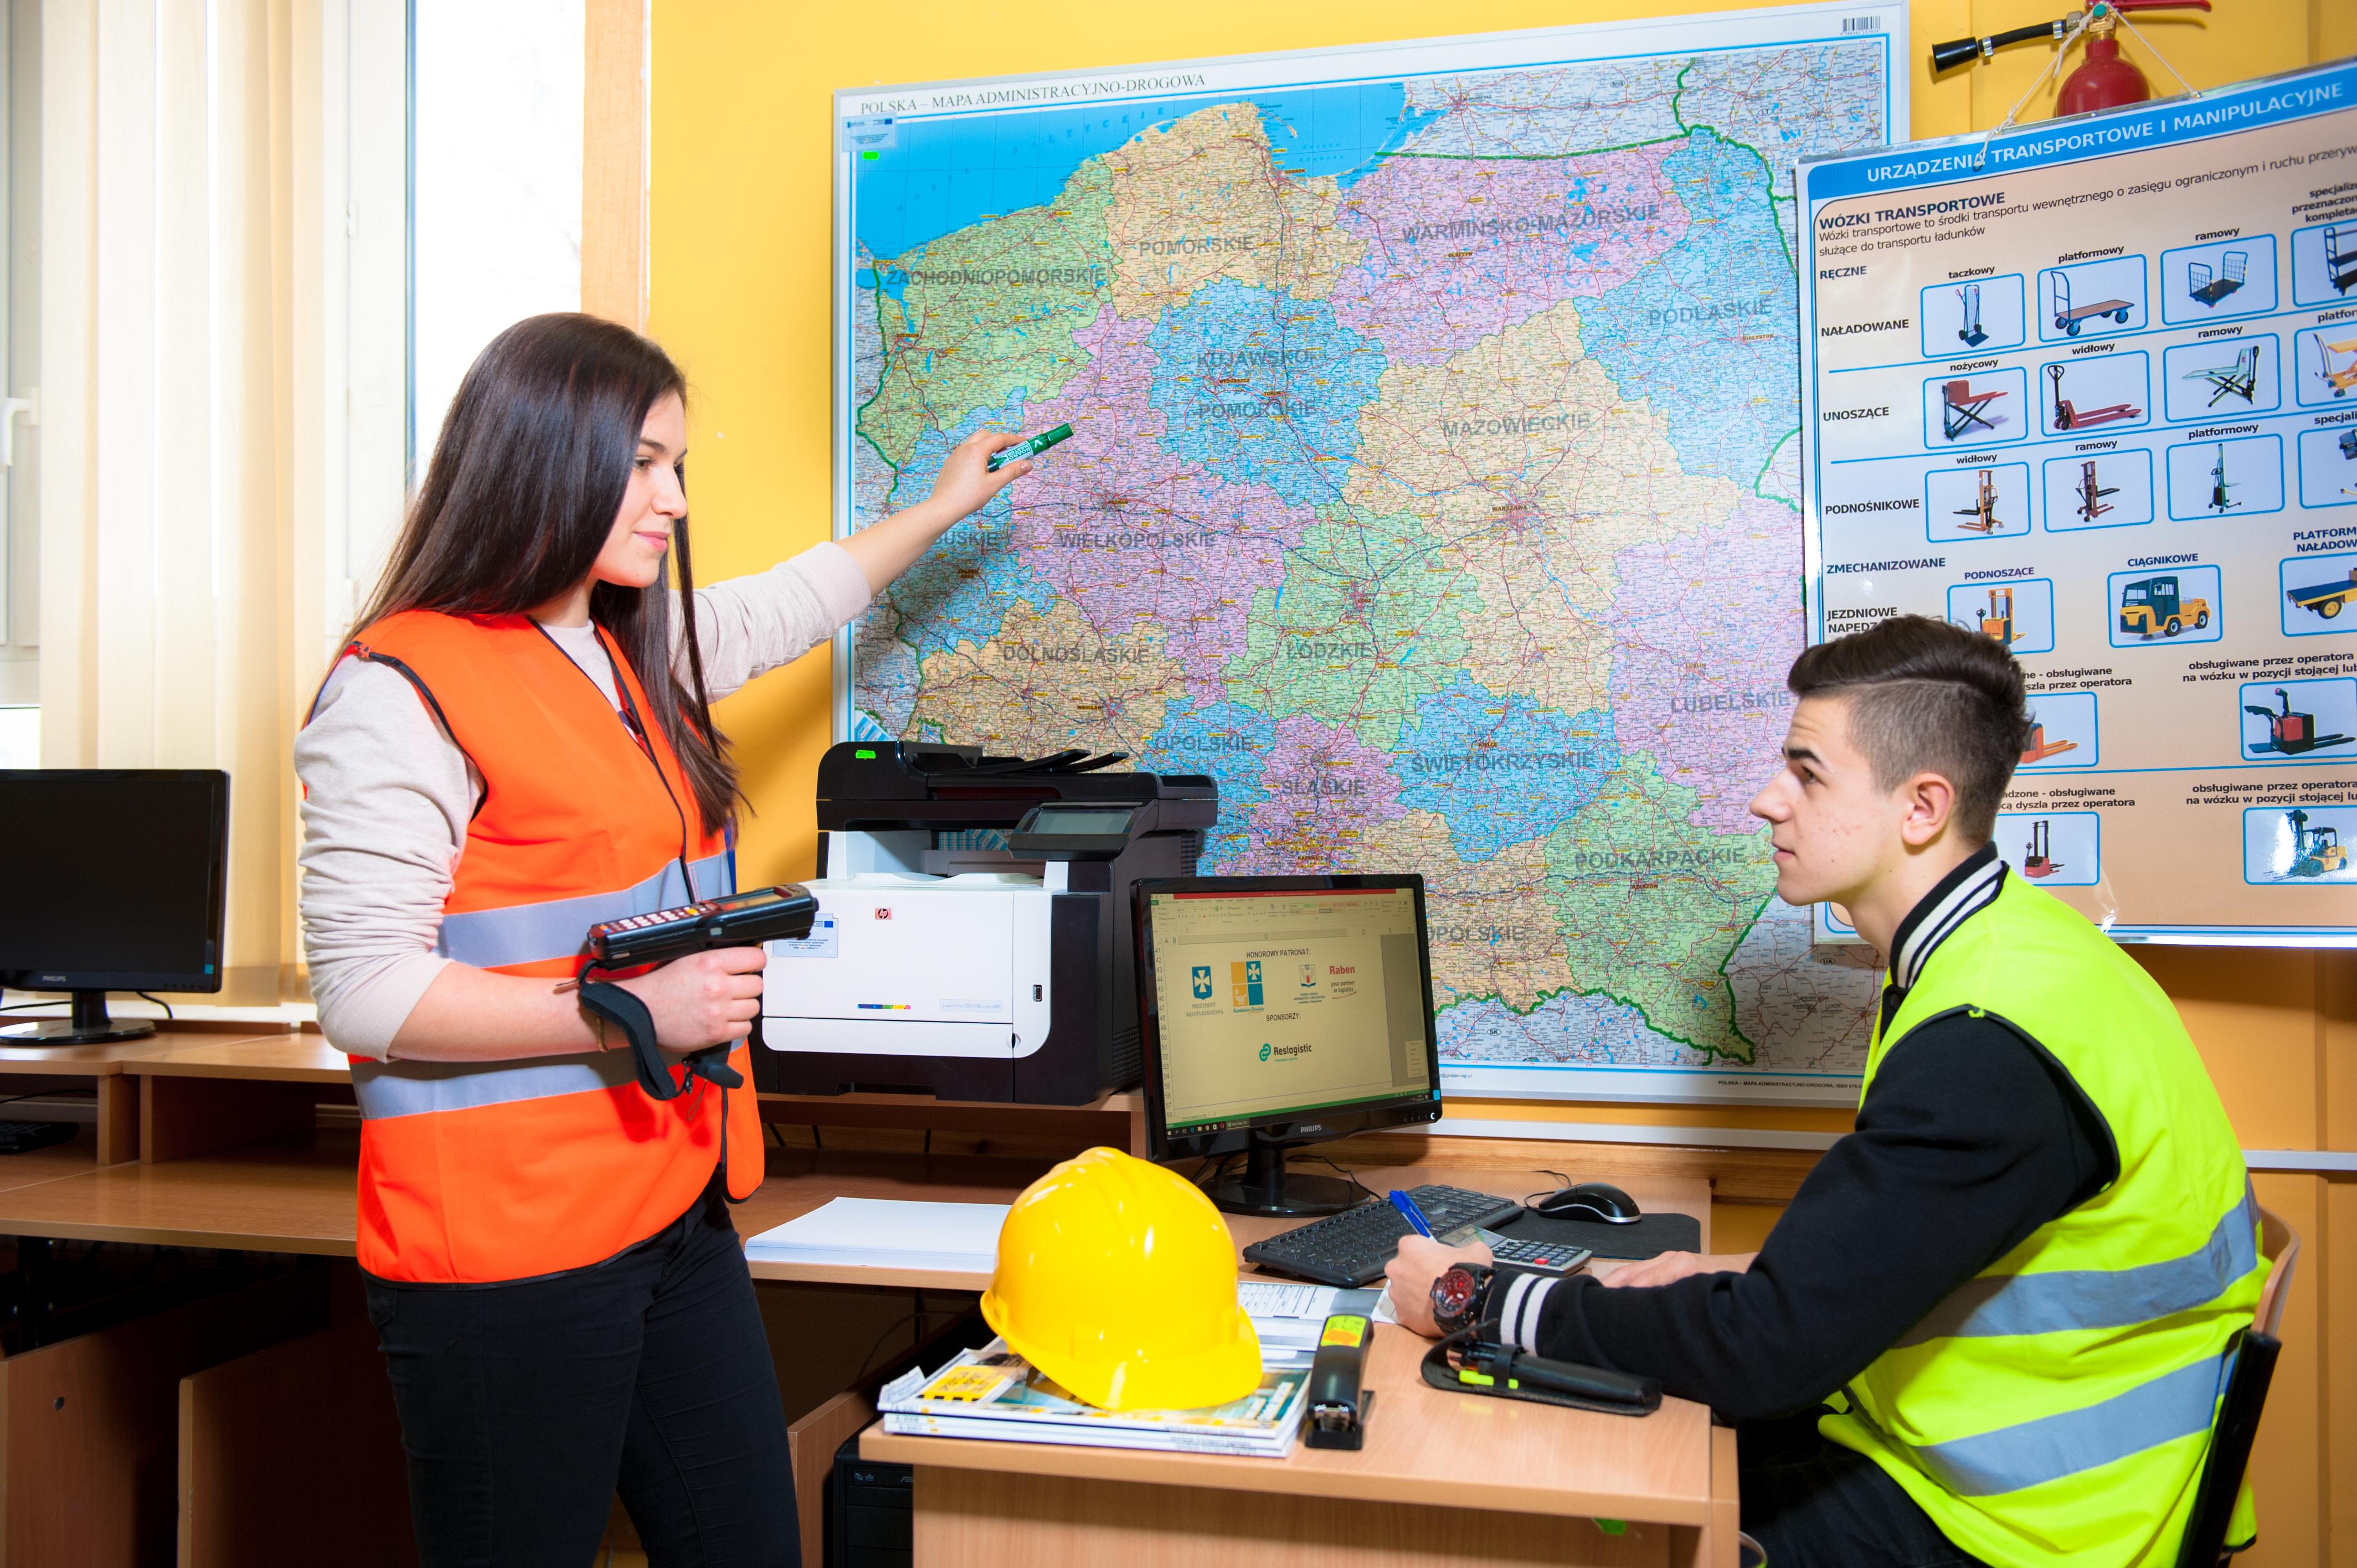 Technik logistyk (logistyczne programy komputerowe) - ZSL Leżajsk